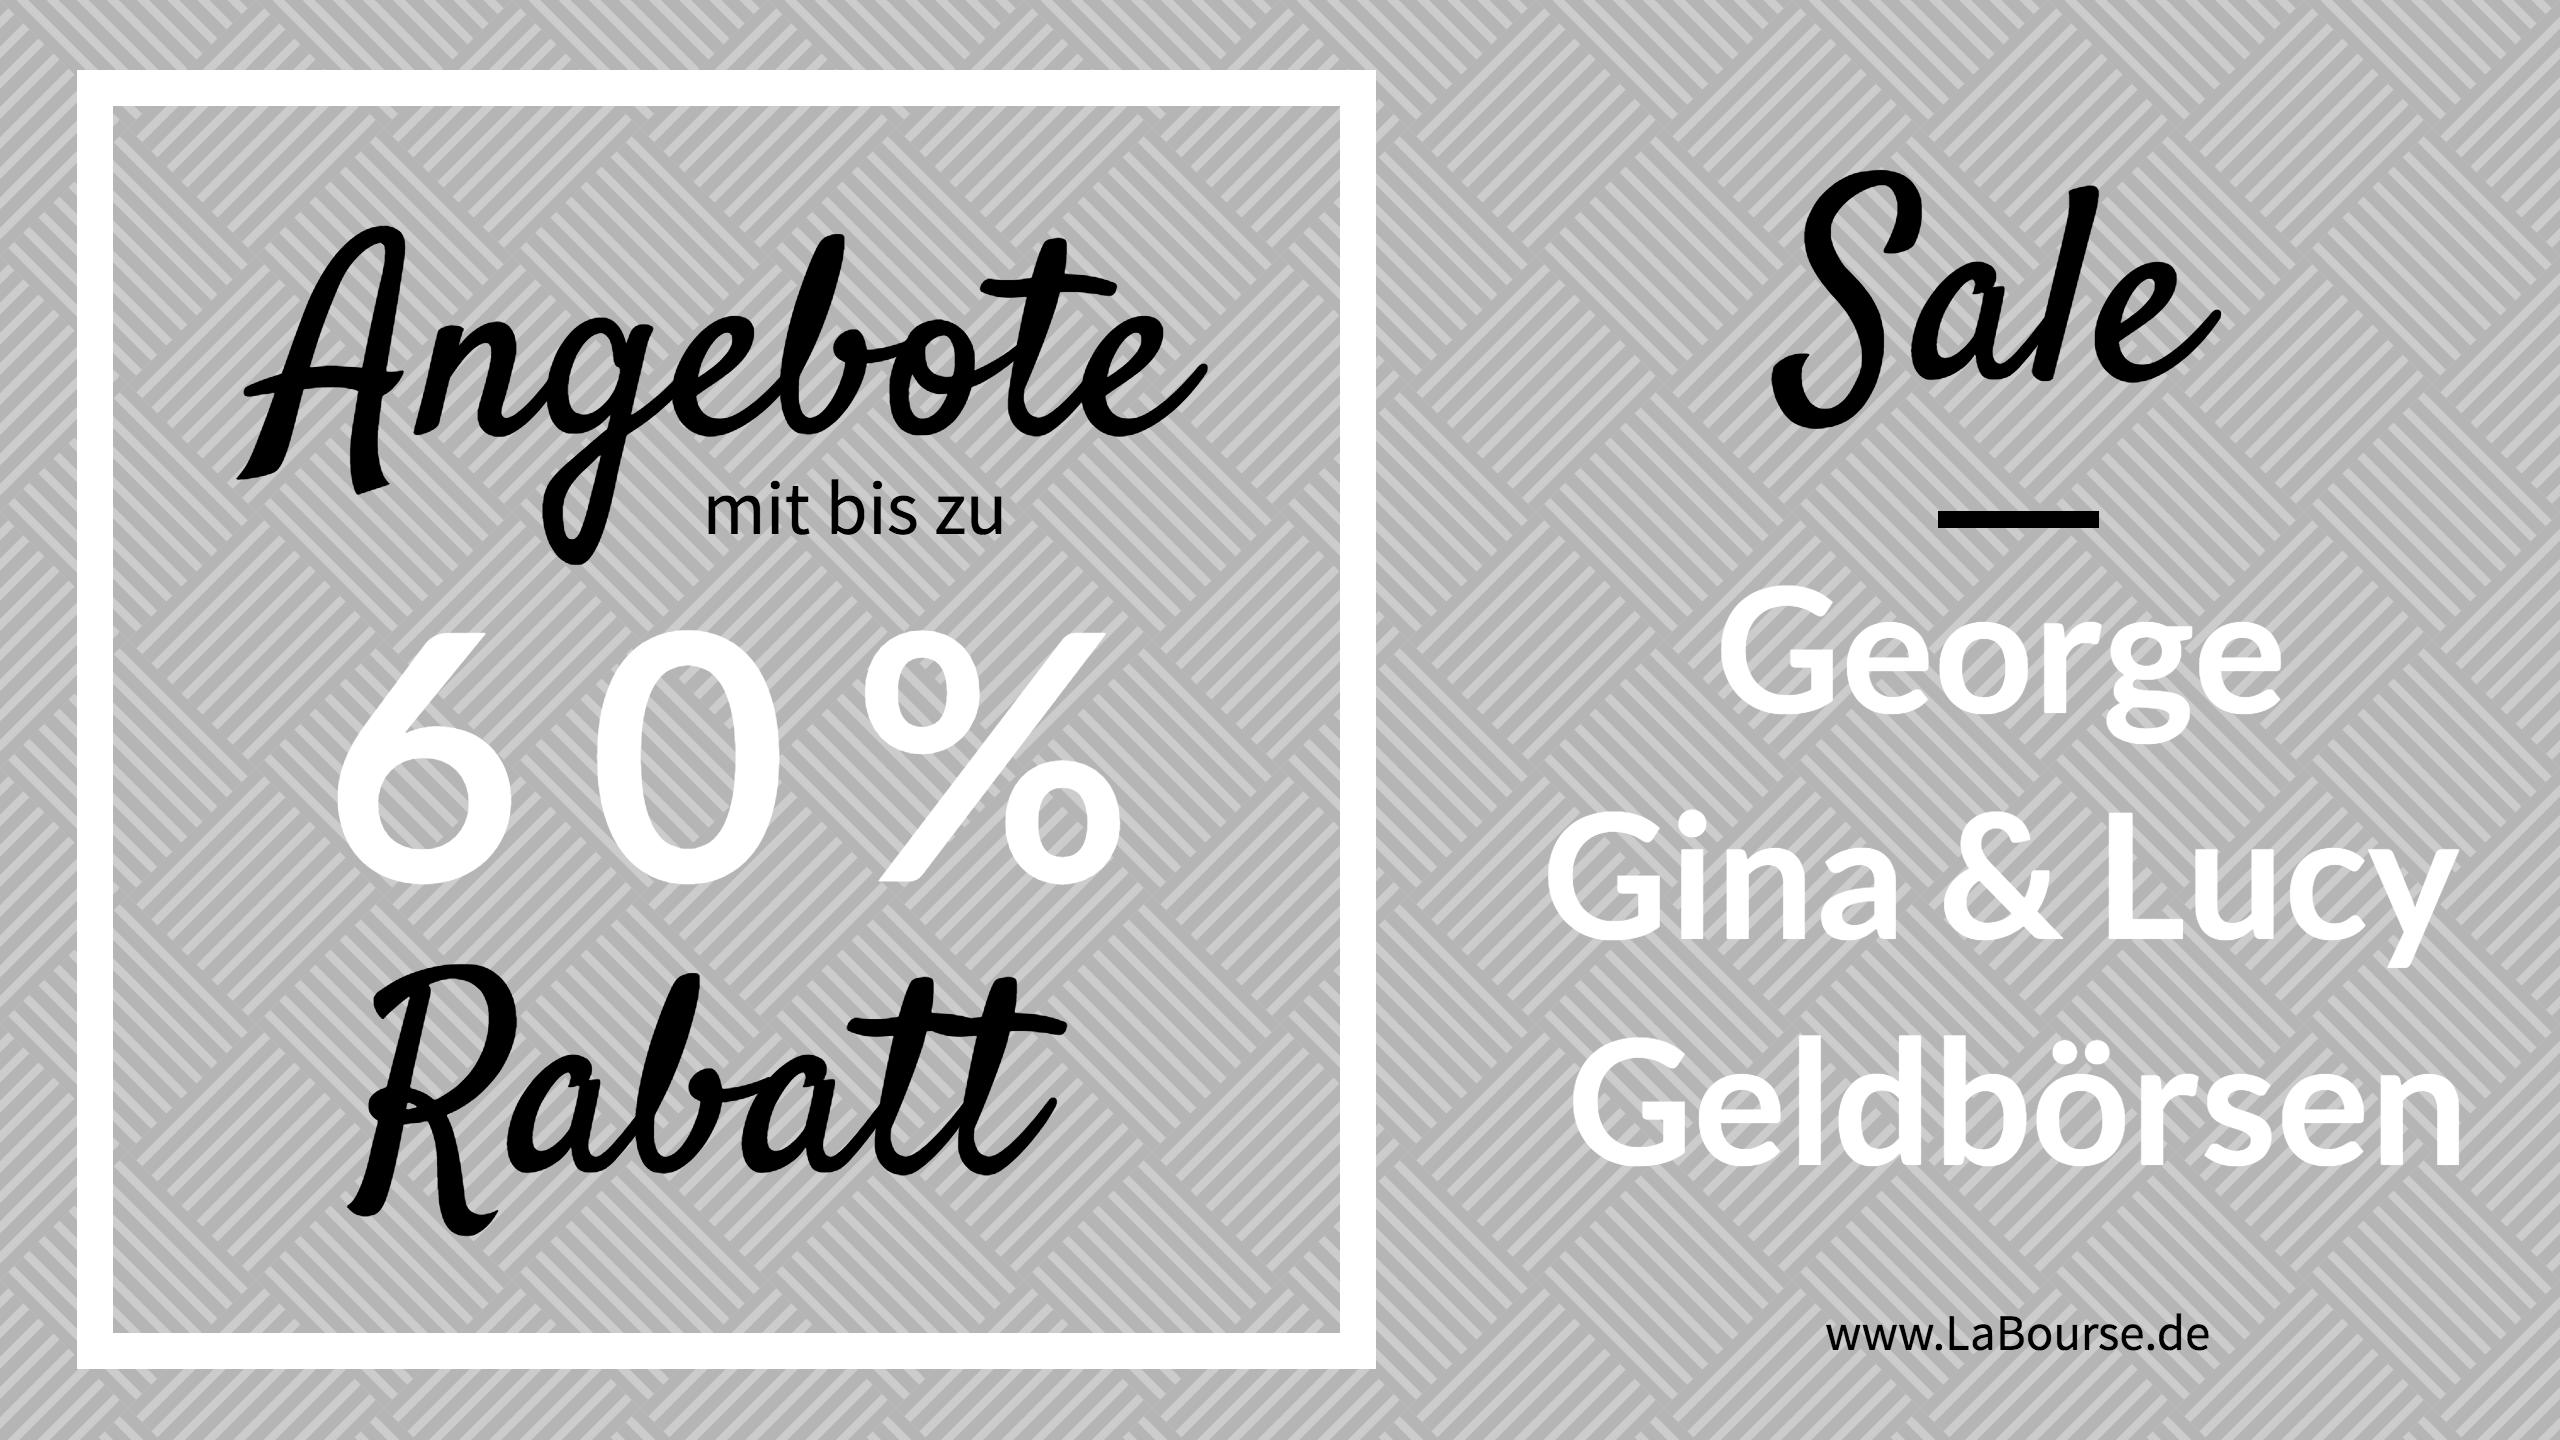 George Gina & Lucy Geldbörsen Sale